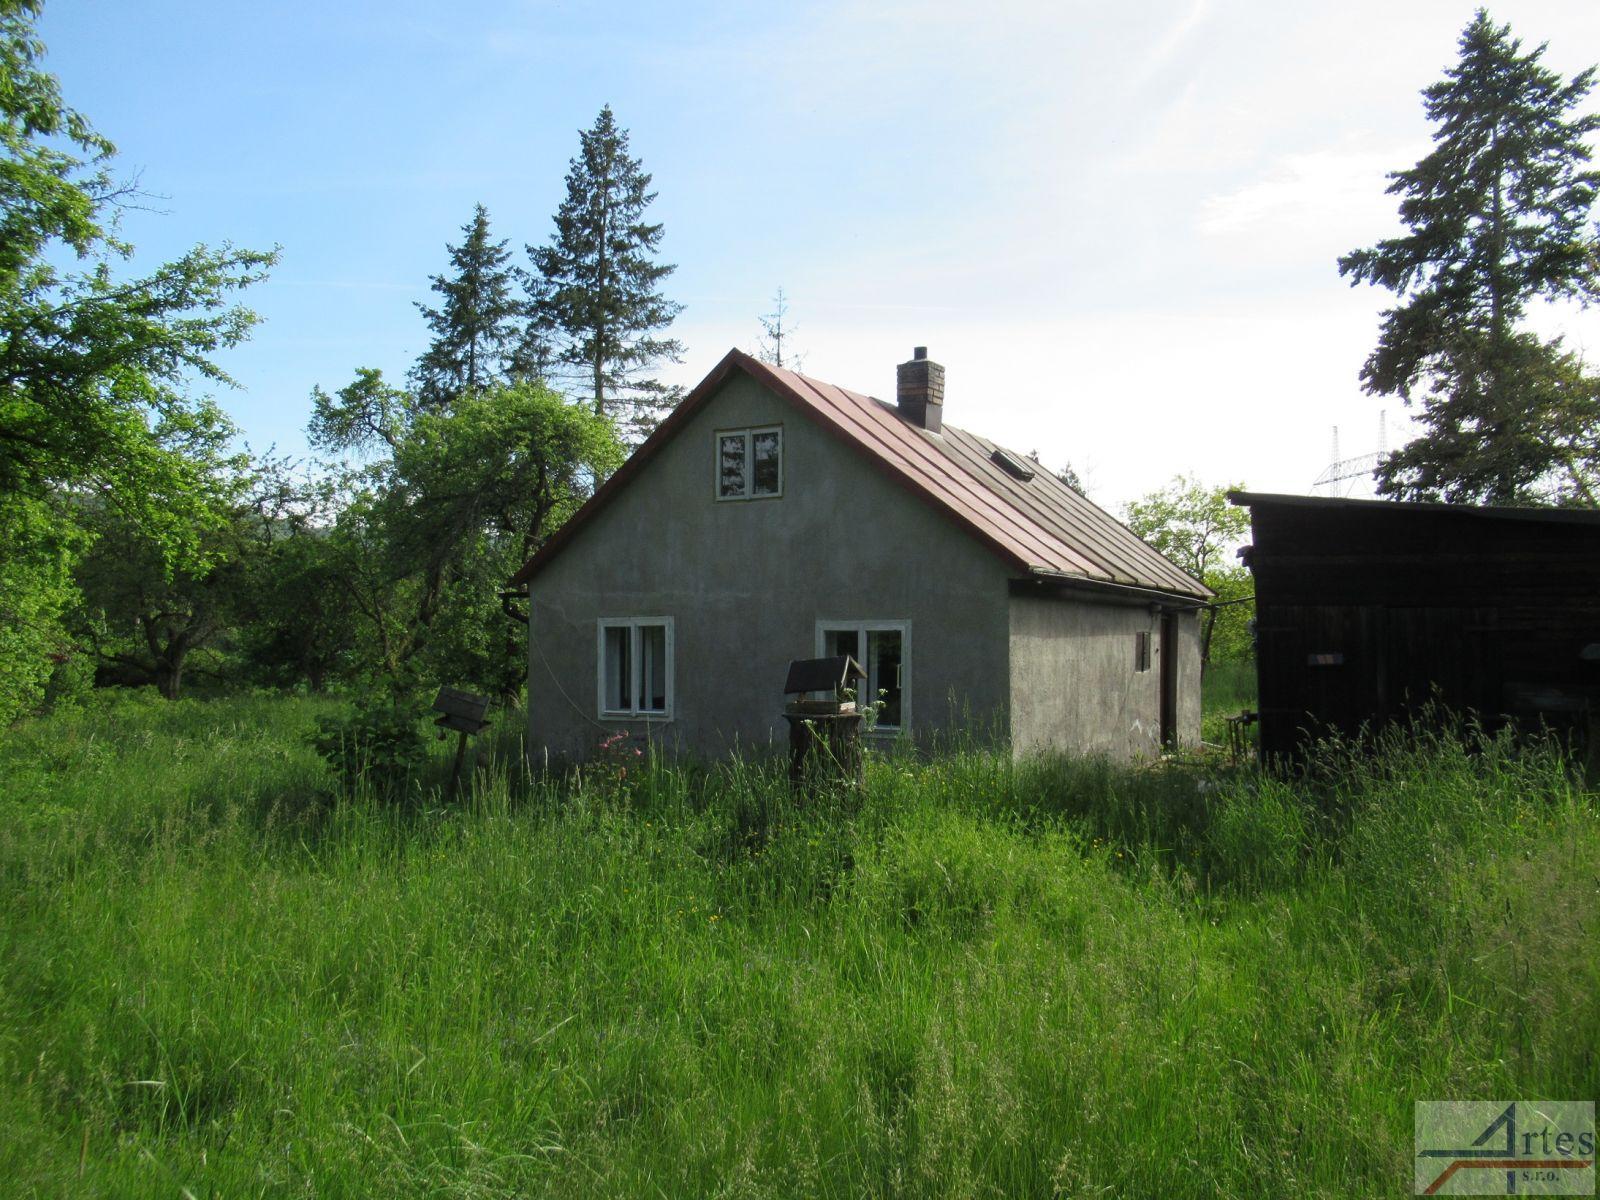 Exklusivní prodej rekreační chaty s velkým pozemkem 2127m2, Svinaře-Lhotka, okr. Beroun